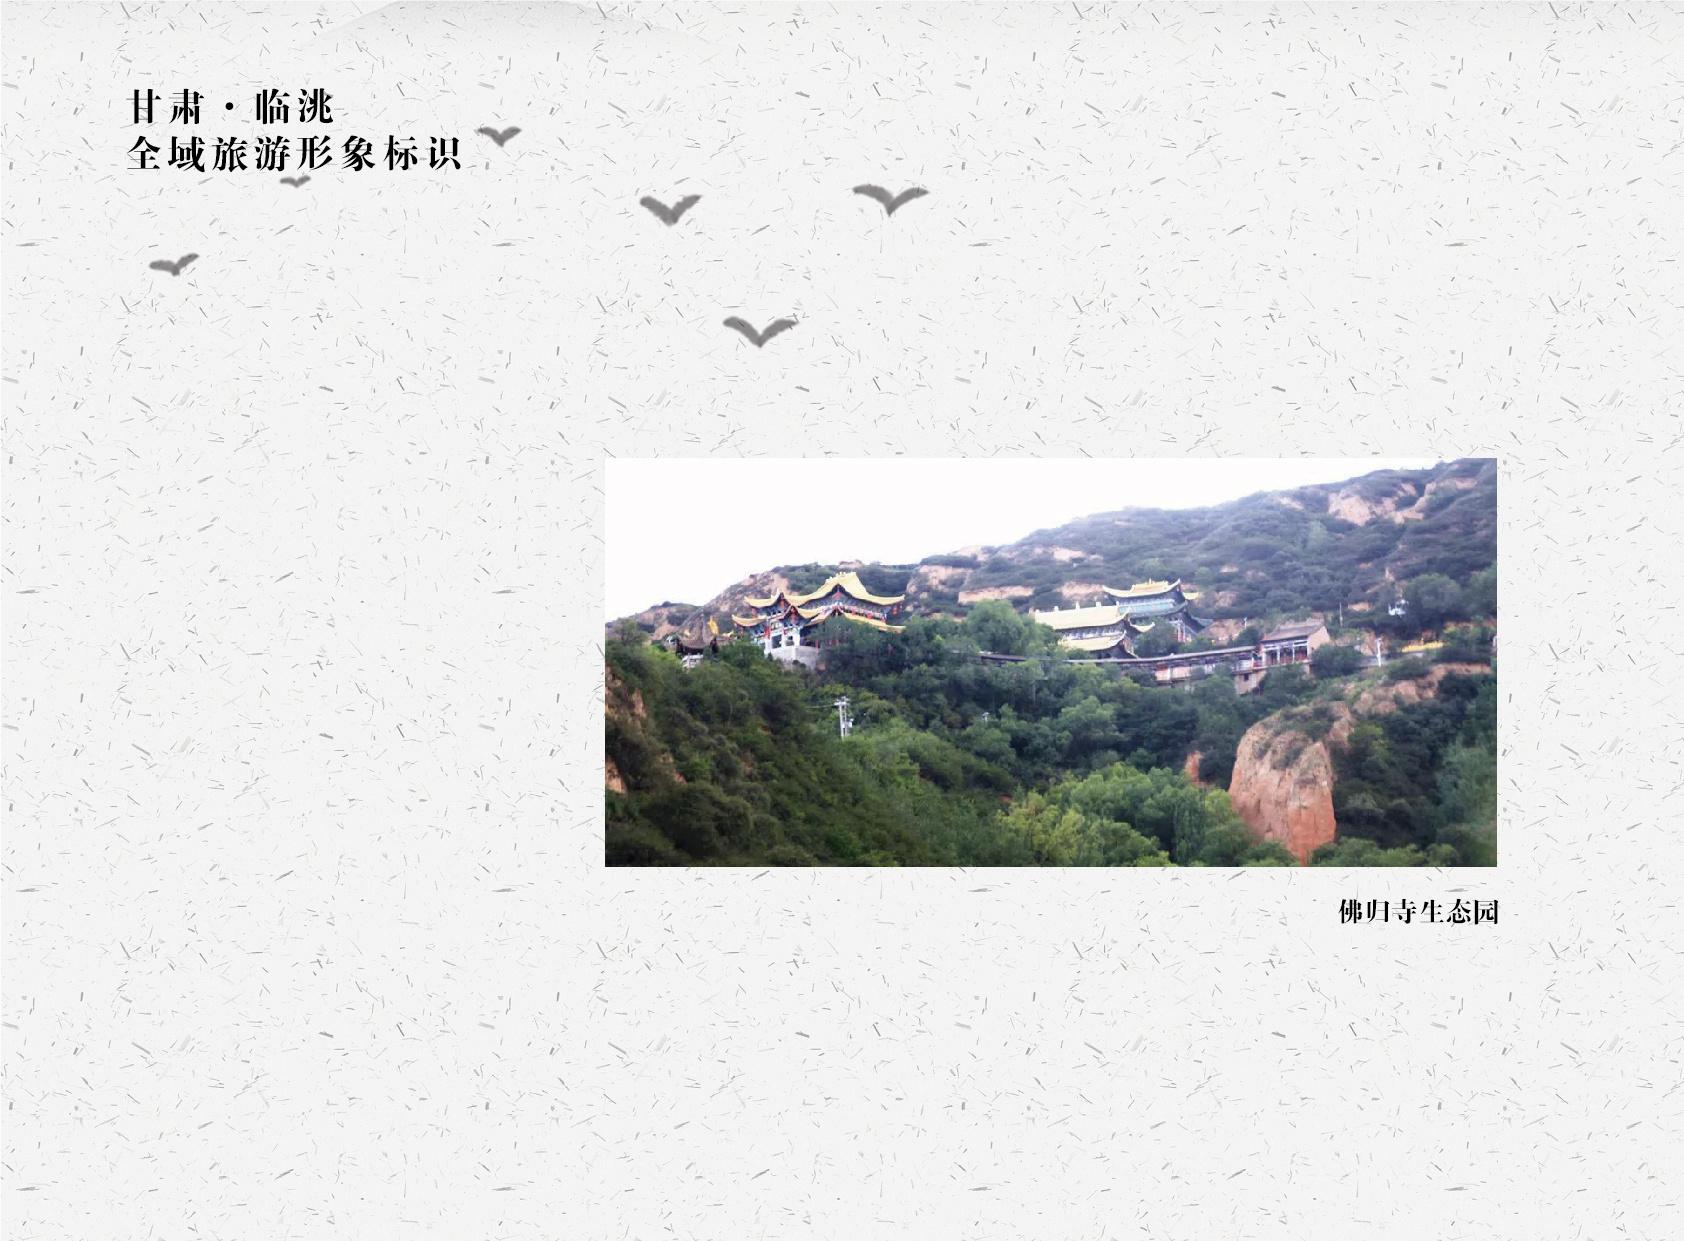 临洮县全域旅游标识提案